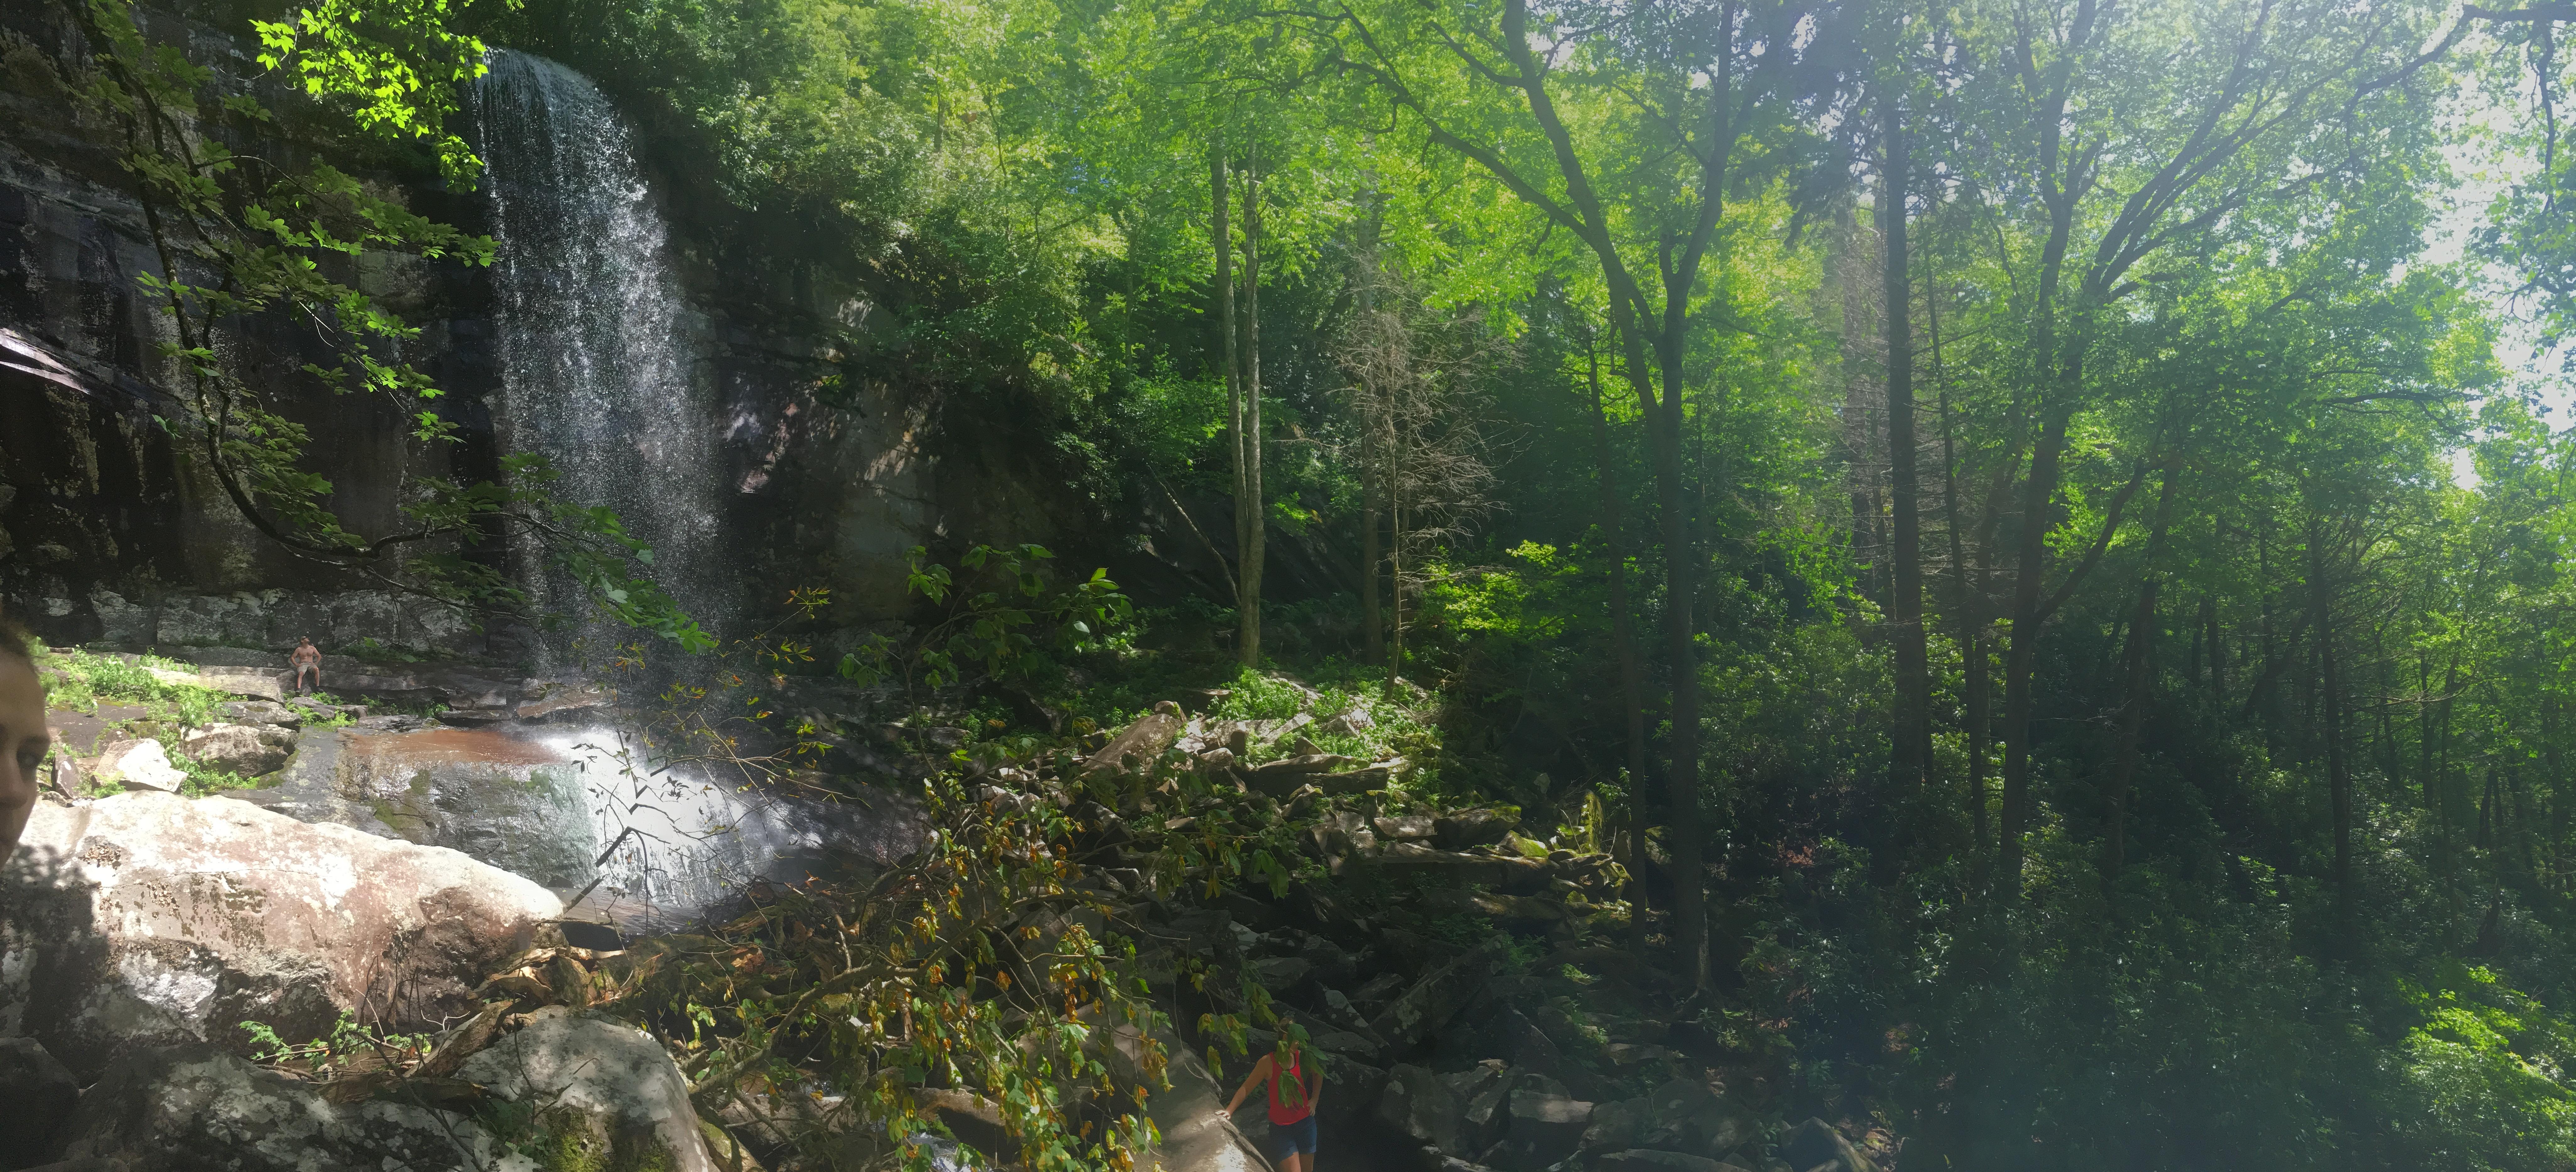 Ramsey Cascades falls over 100 feet in the Smoky Mountains.